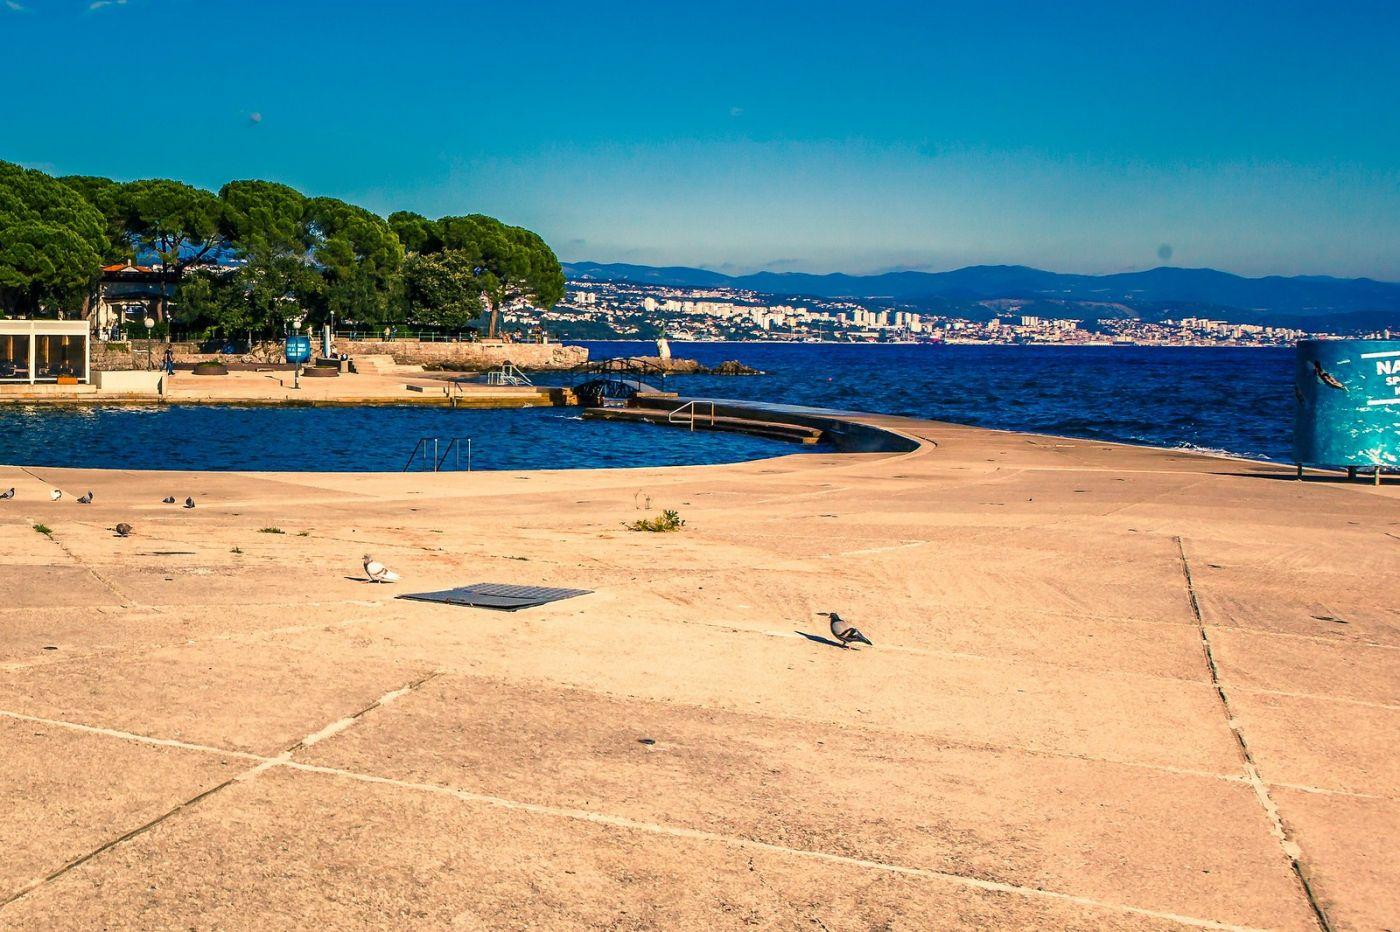 克罗地亚奥帕蒂亚(Opatija),洒满阳光的海滨城市_图1-14